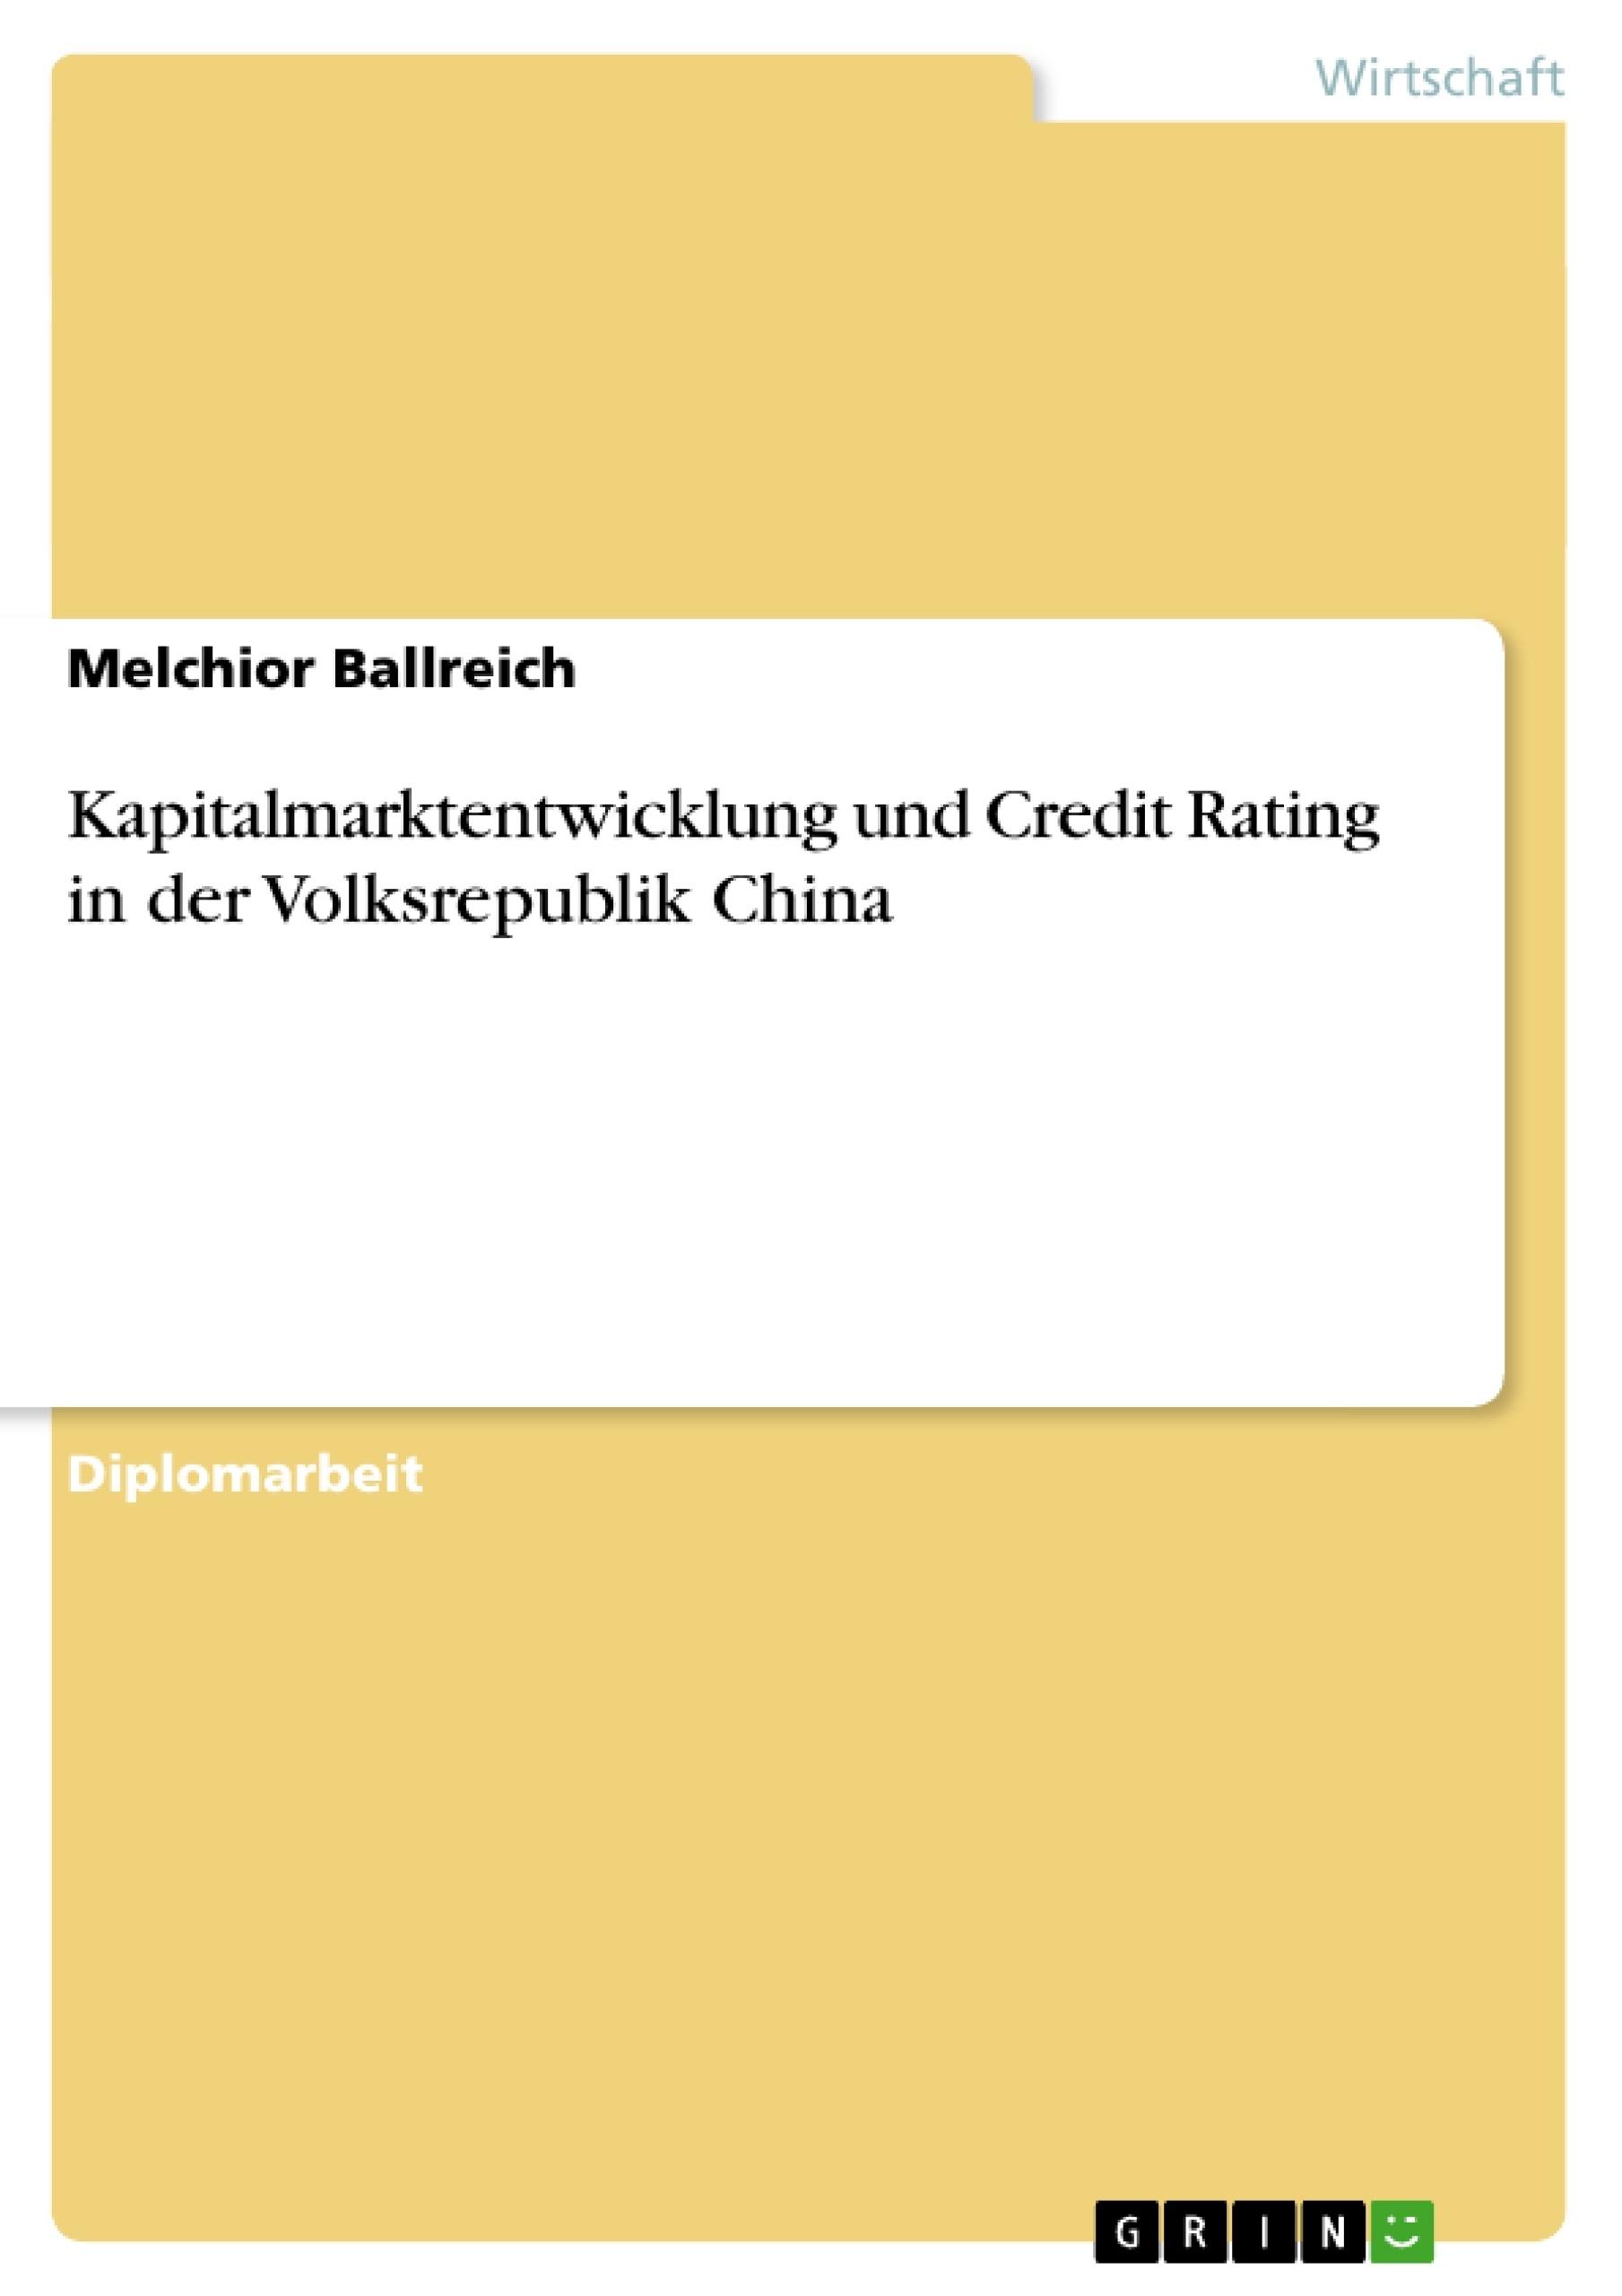 Titel: Kapitalmarktentwicklung und Credit Rating in der Volksrepublik China